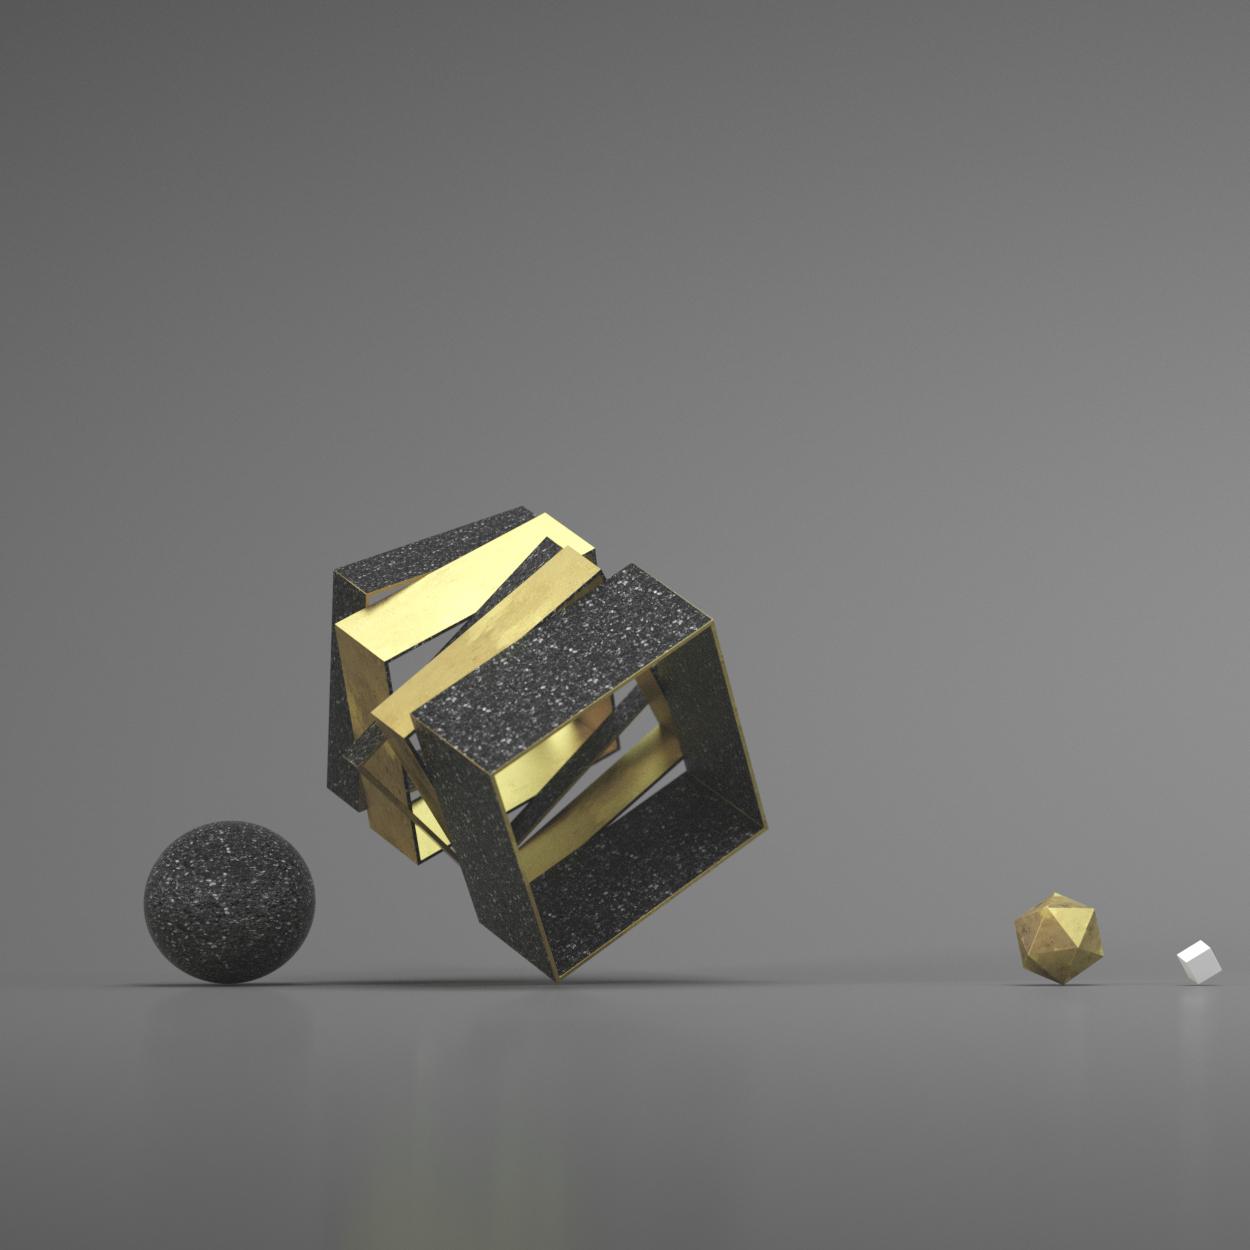 GOLDQUADER_QUADRAT